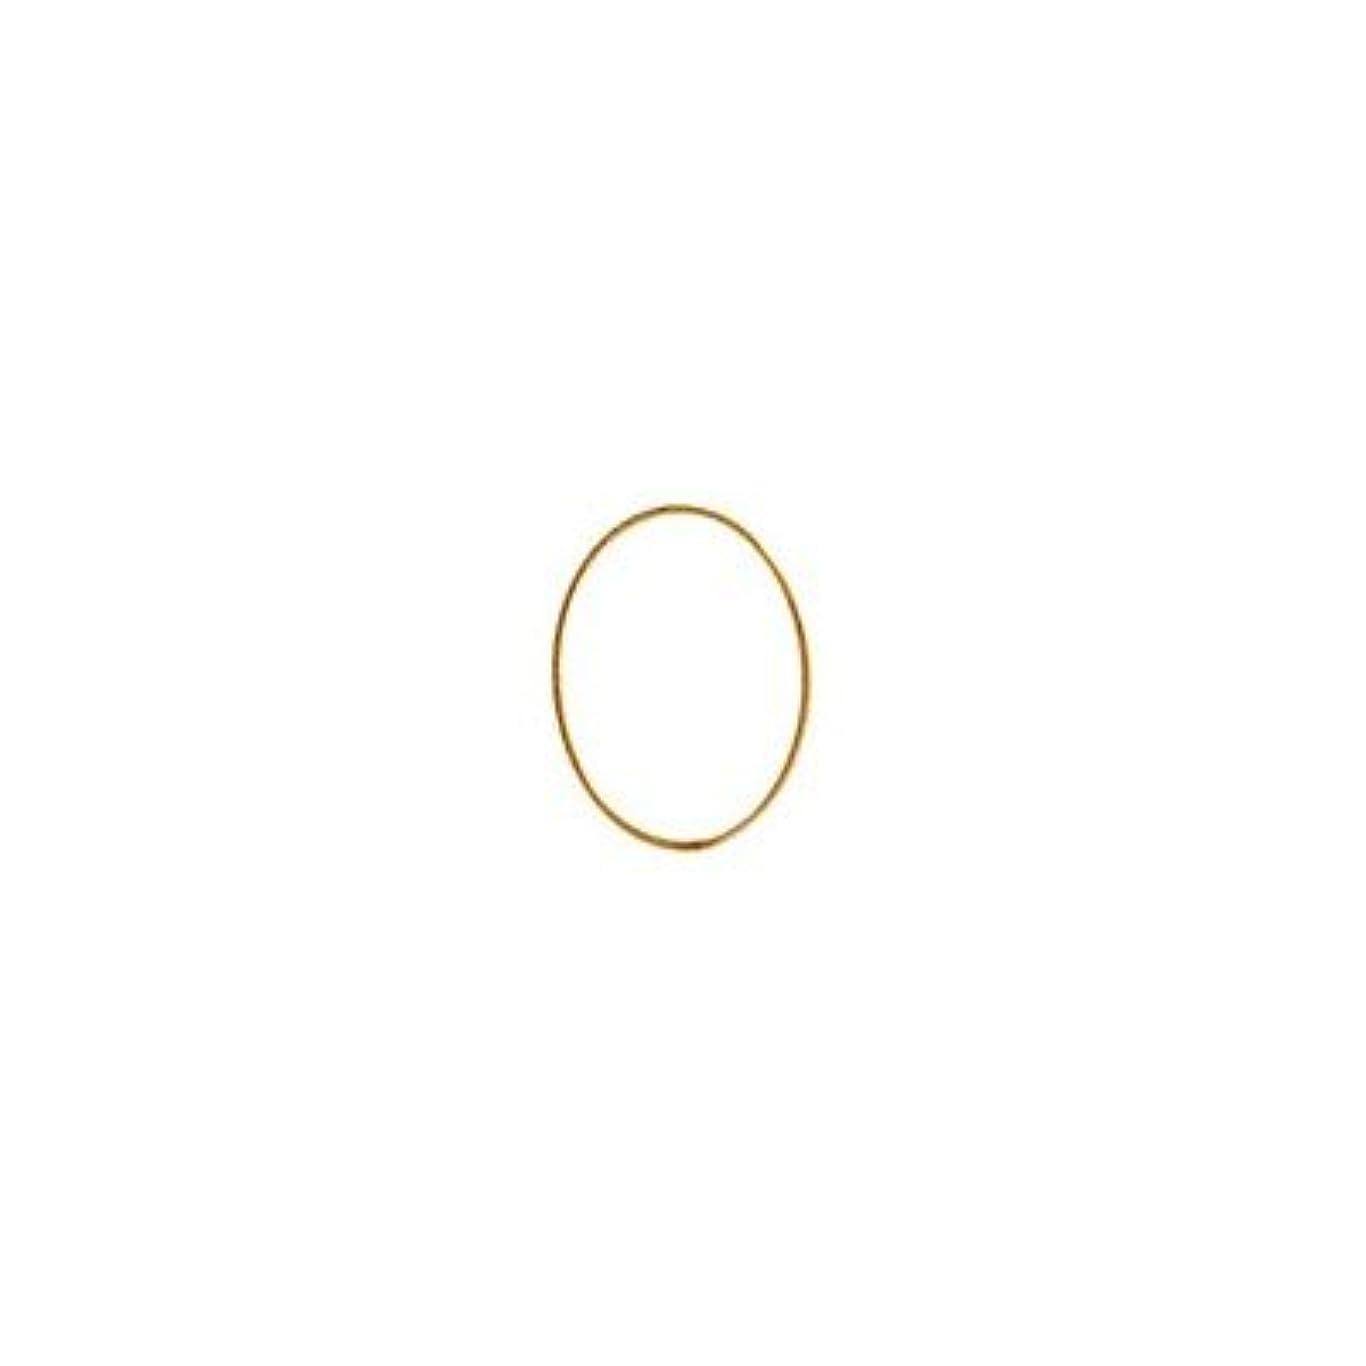 支払う写真を撮る商標シャレドワミュゼ BLC ブローチ オーバル 7×5mm ゴールド 10p